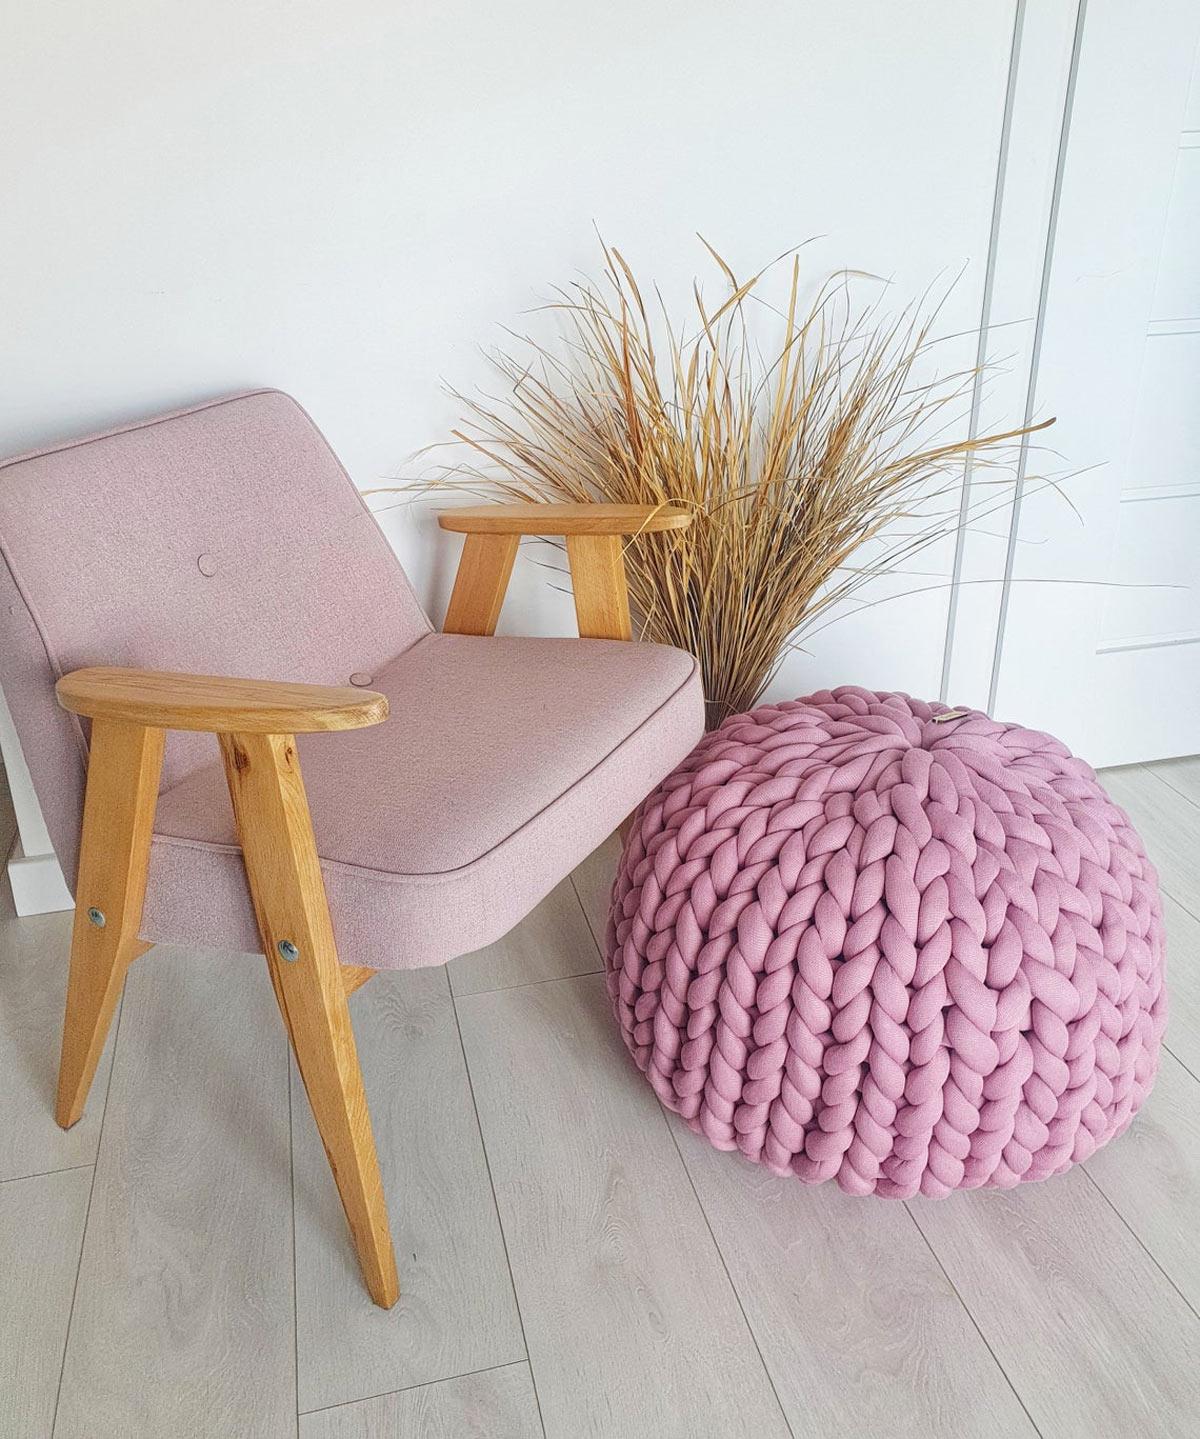 Magnifico pouf di cotone grosso lavorato a maglia.